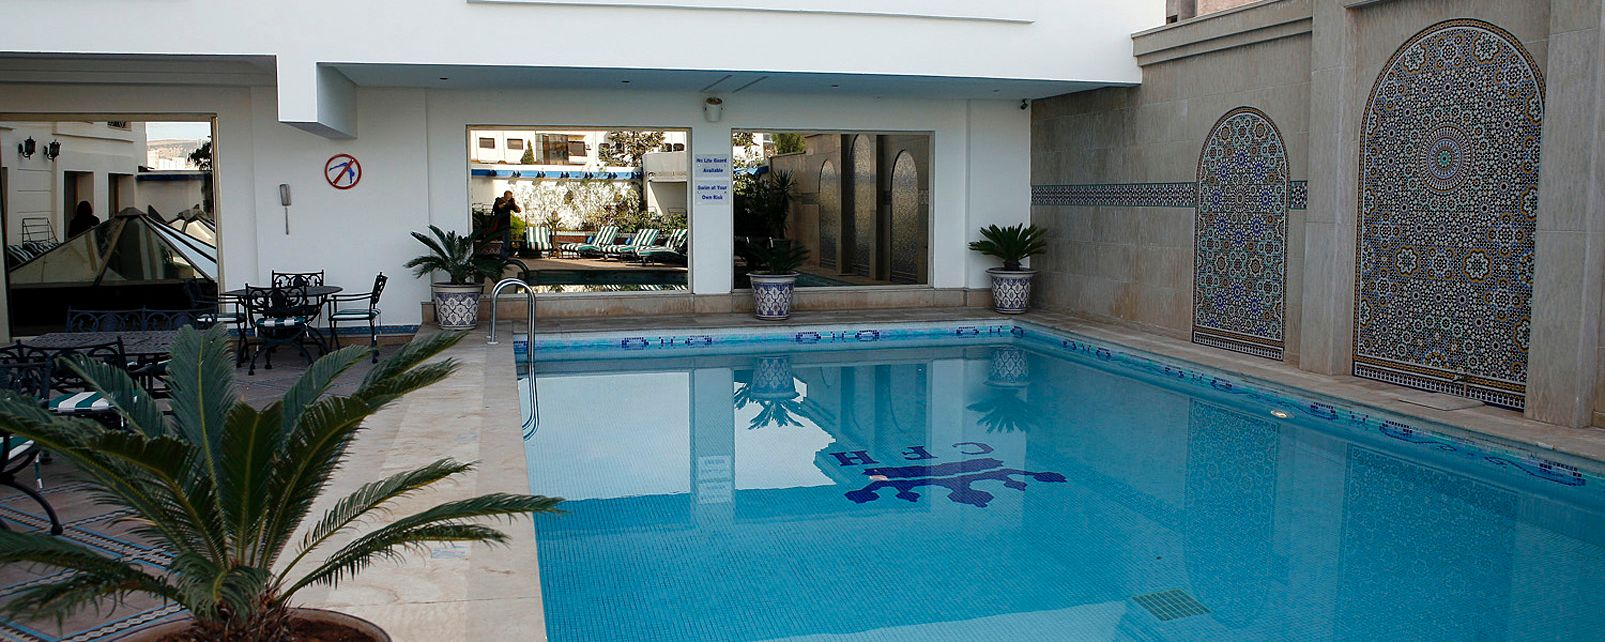 Hotel Ramada Fes